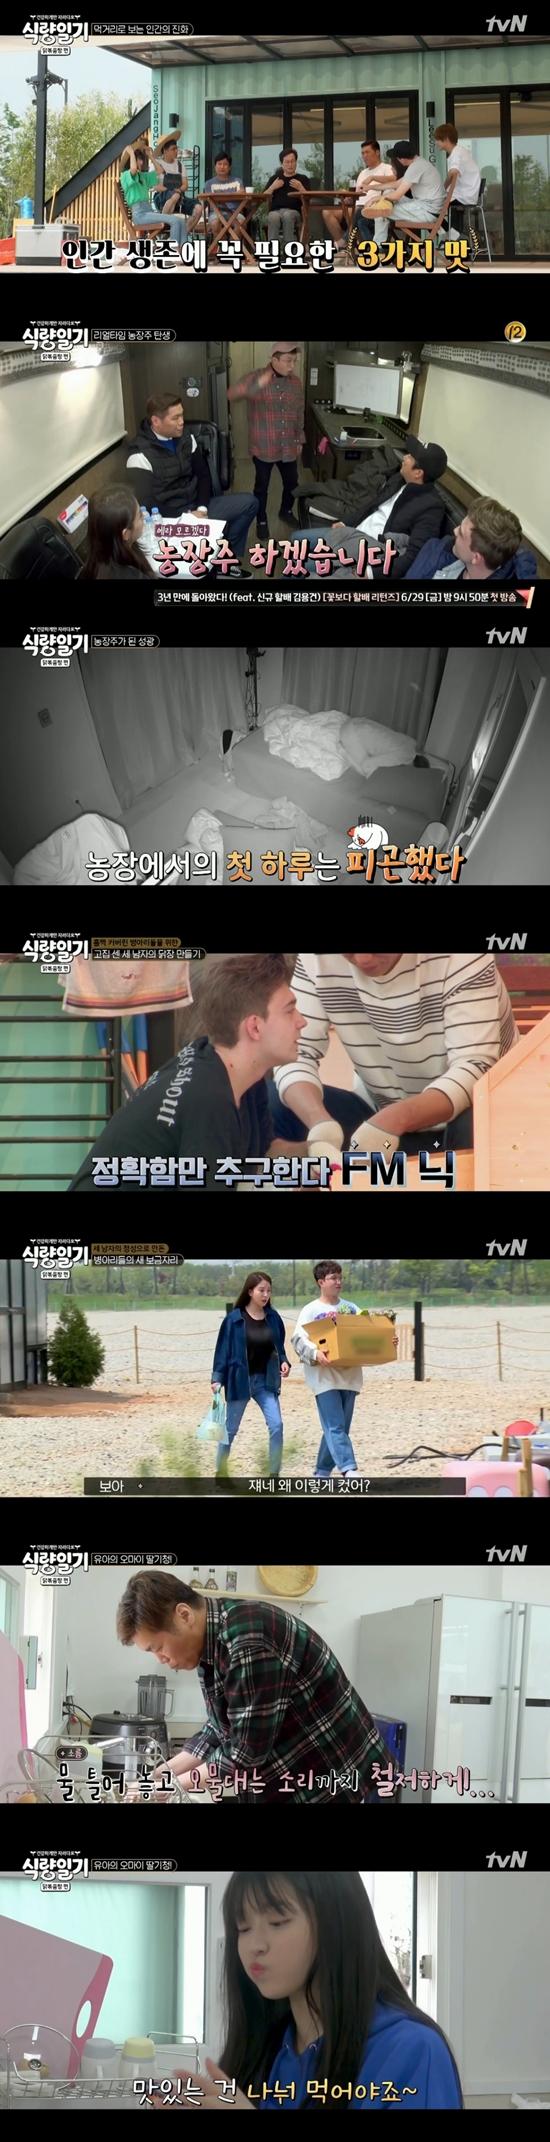 식량일기' 박성광 농장주 생활 첫날X부화 실패한 병아리에 '혼란'